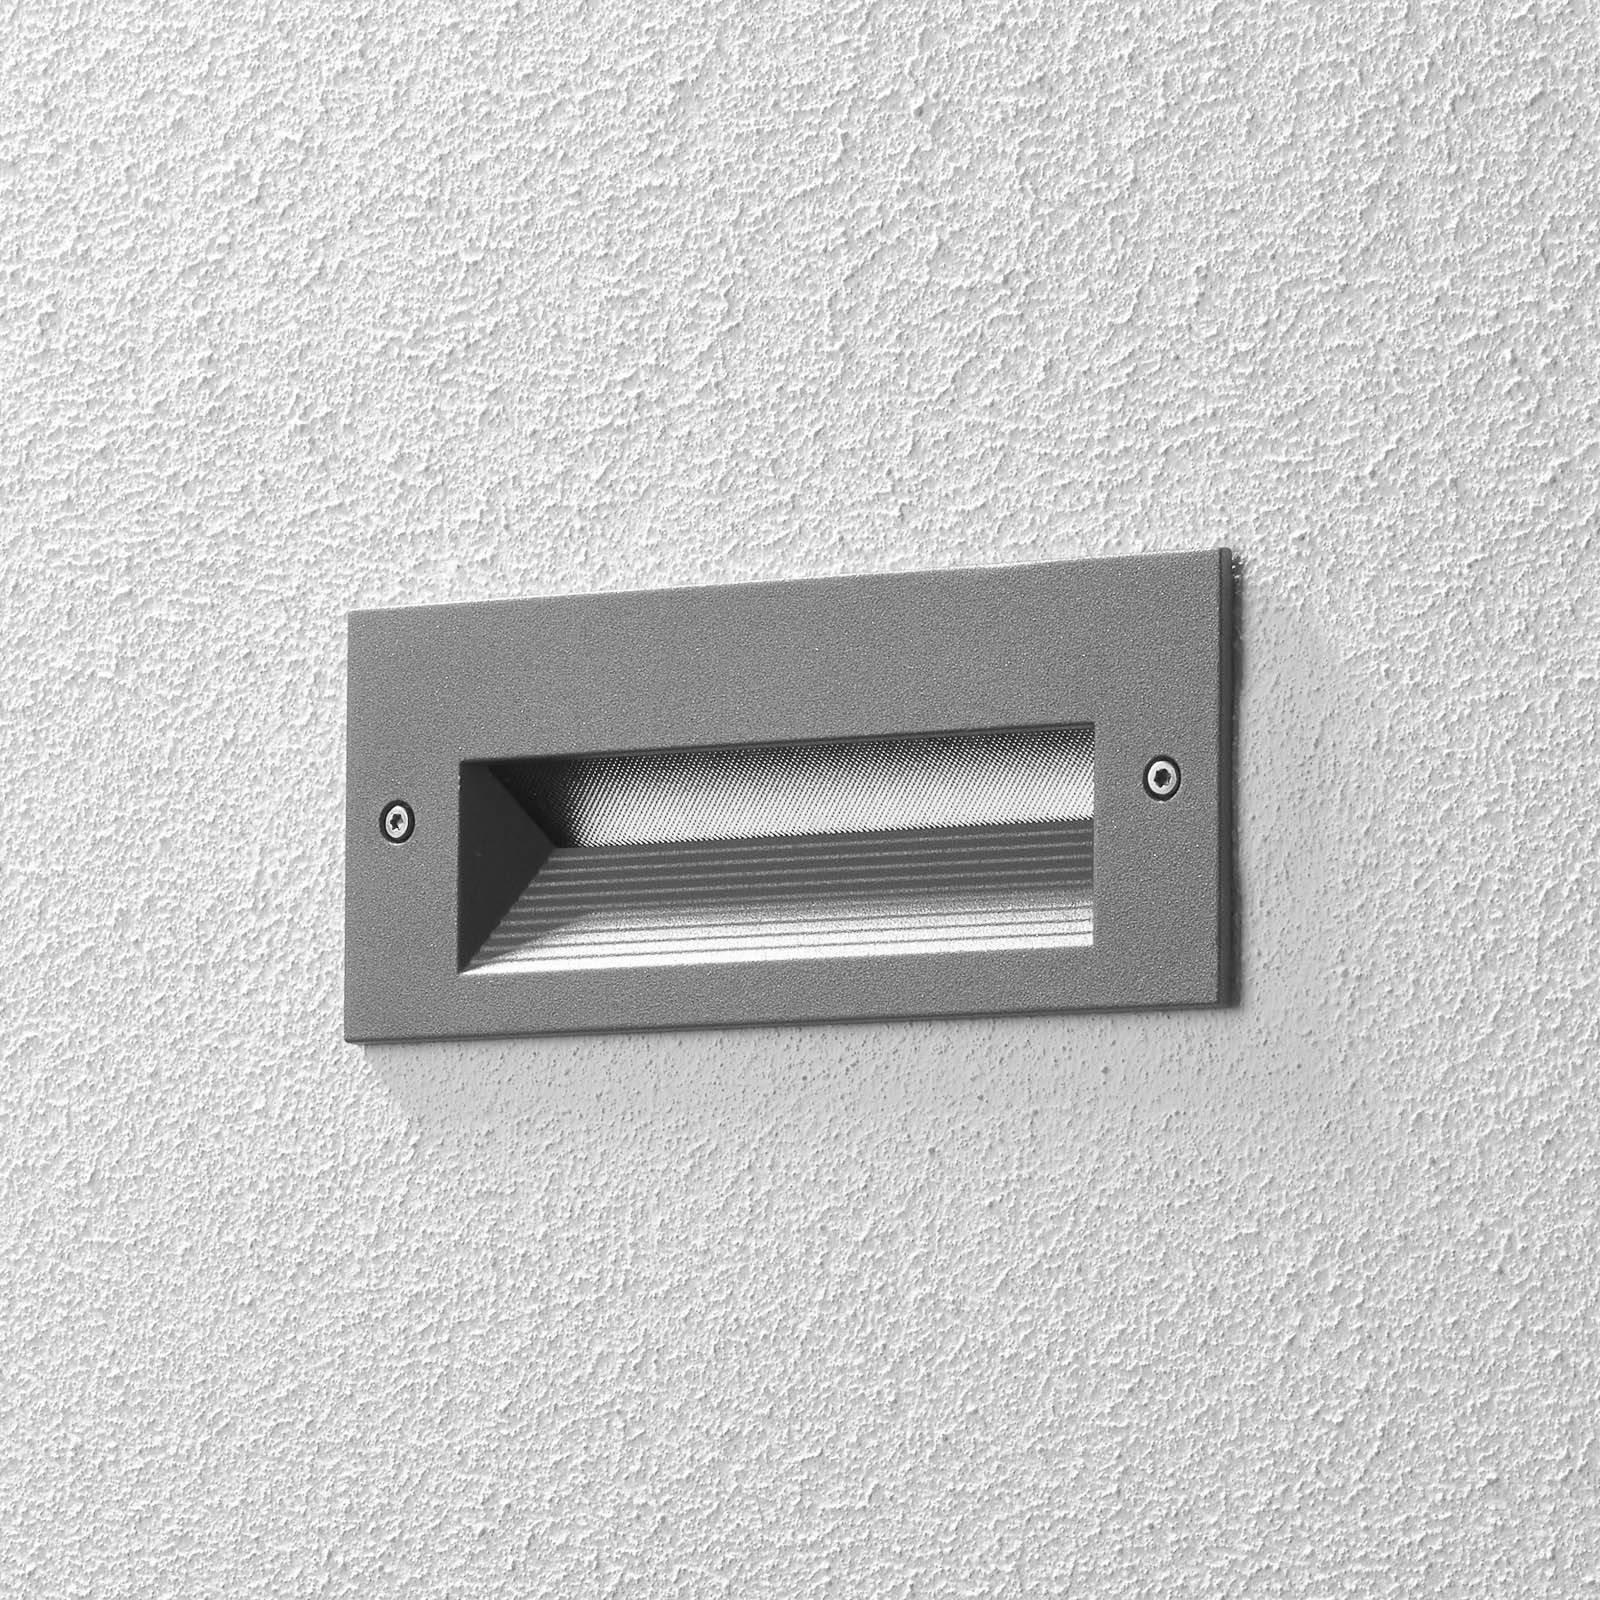 BEGA 33053 LED-veggmontering 3 000 K sølv 17 cm